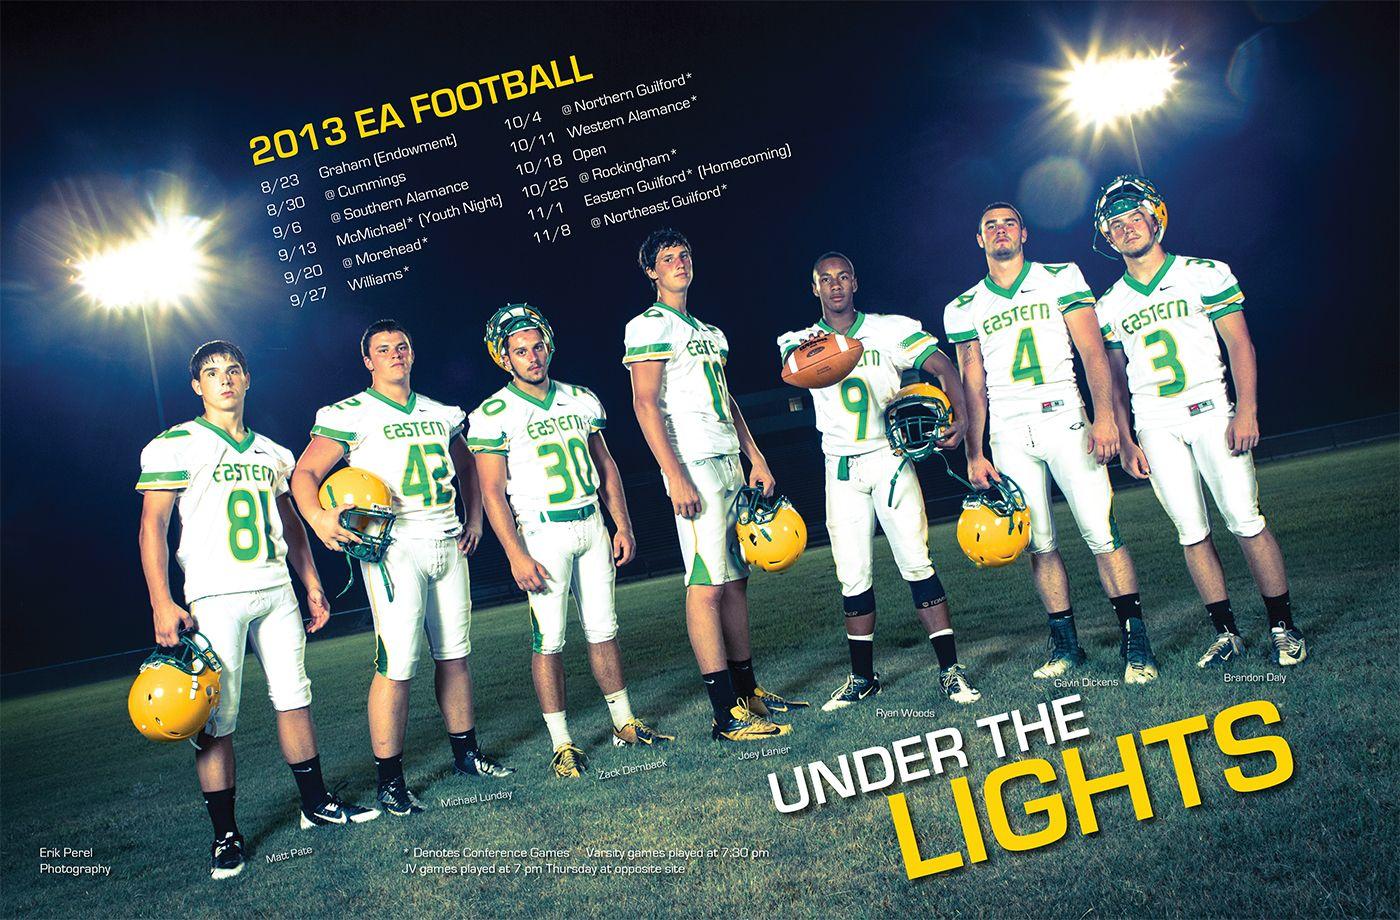 Friday night lights high school football poster 2013